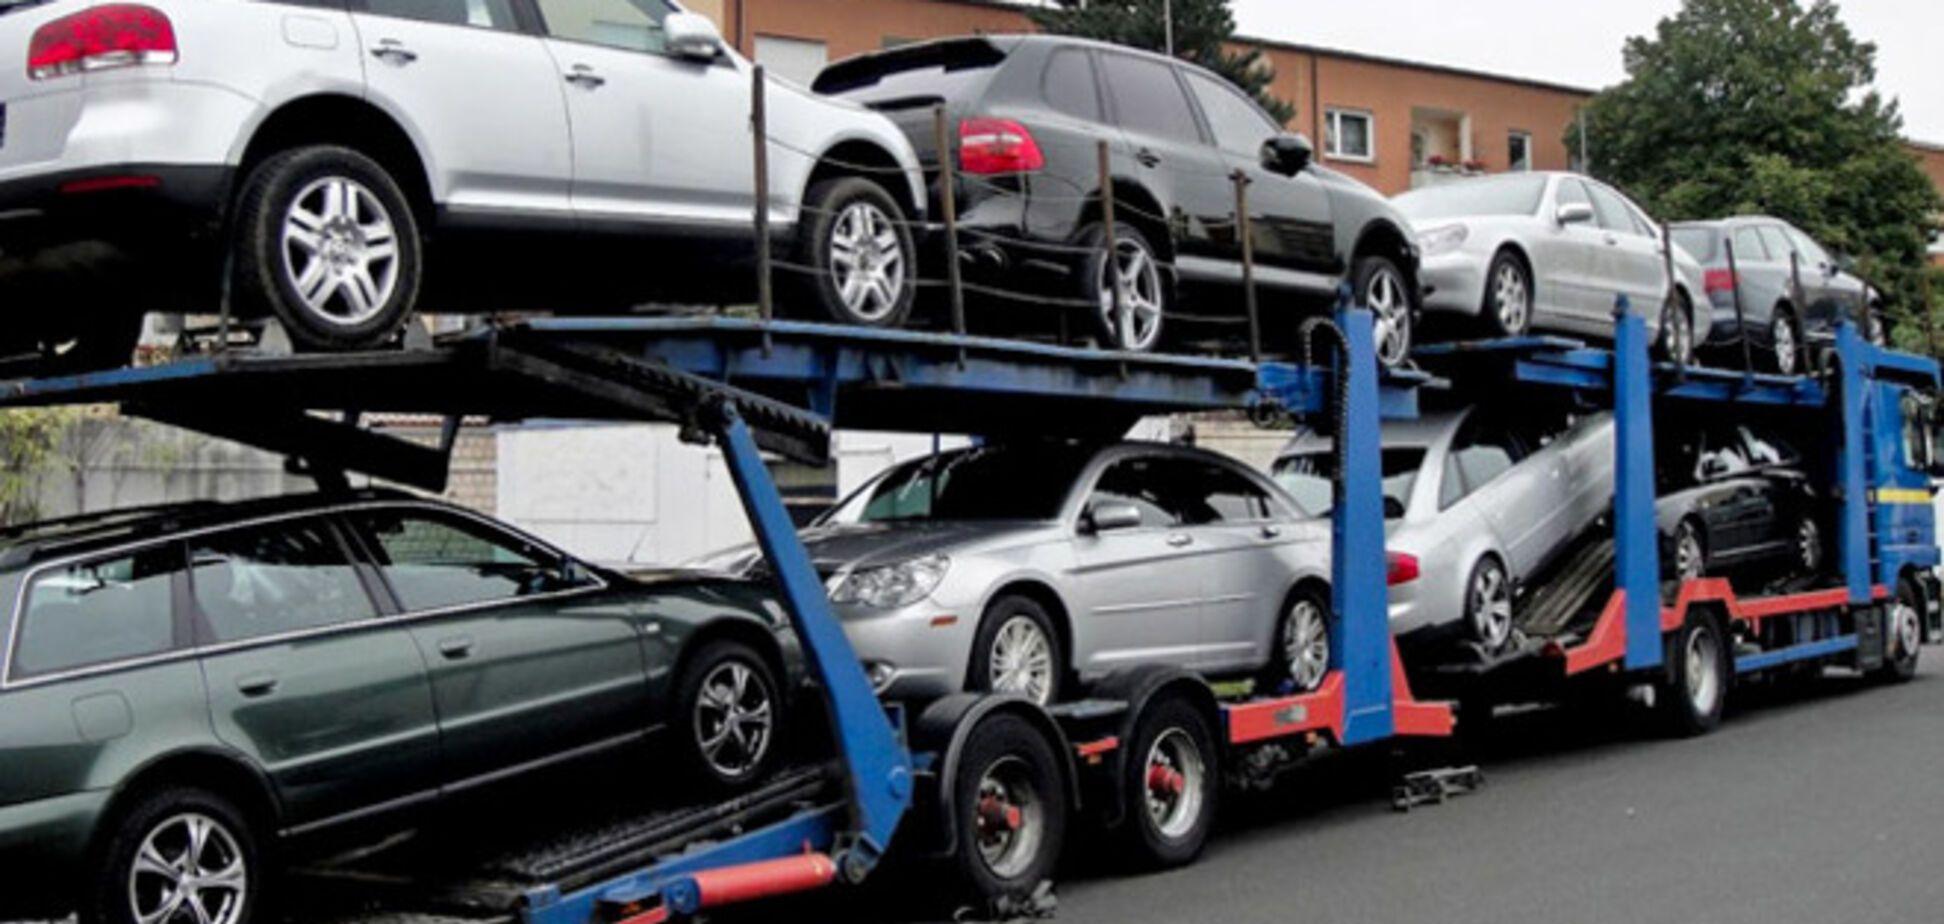 Кабмин хочет обложить налогом в 25 тыс. авто с объемом двигателей более 2,5 литра